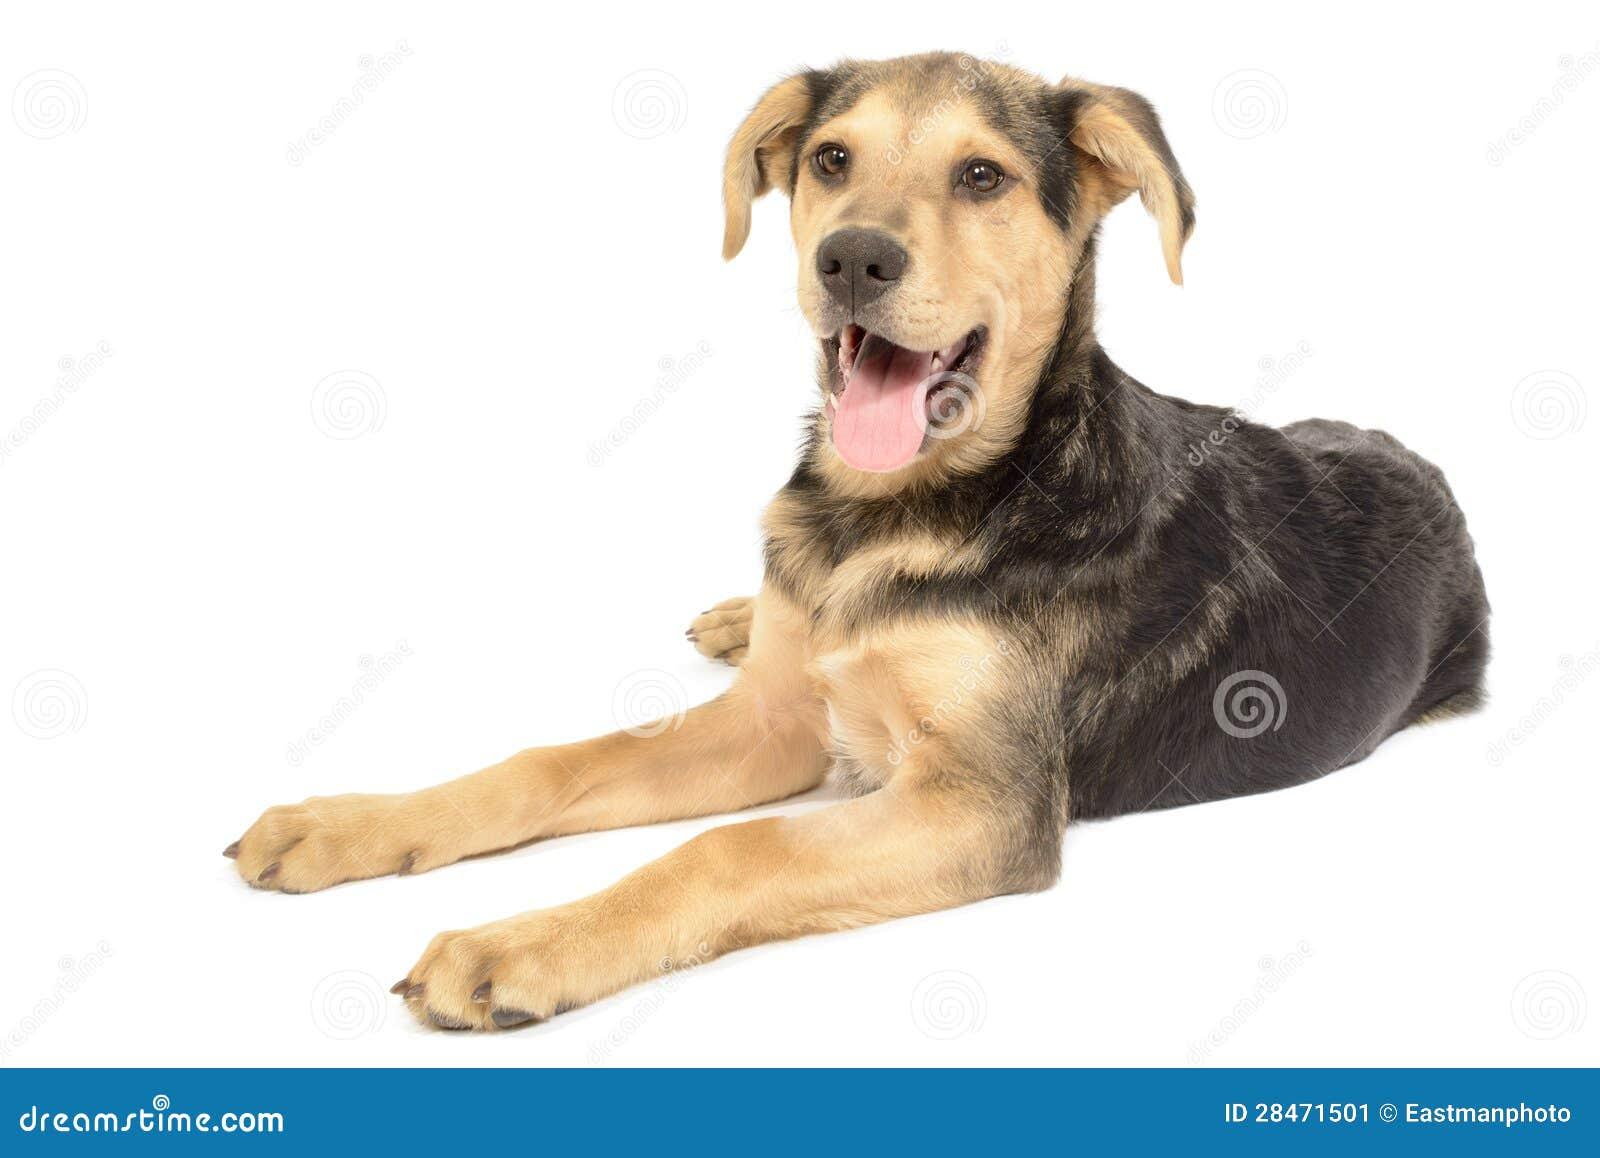 Lab Dachshund Mix Puppy Labrador dachshund puppy mix